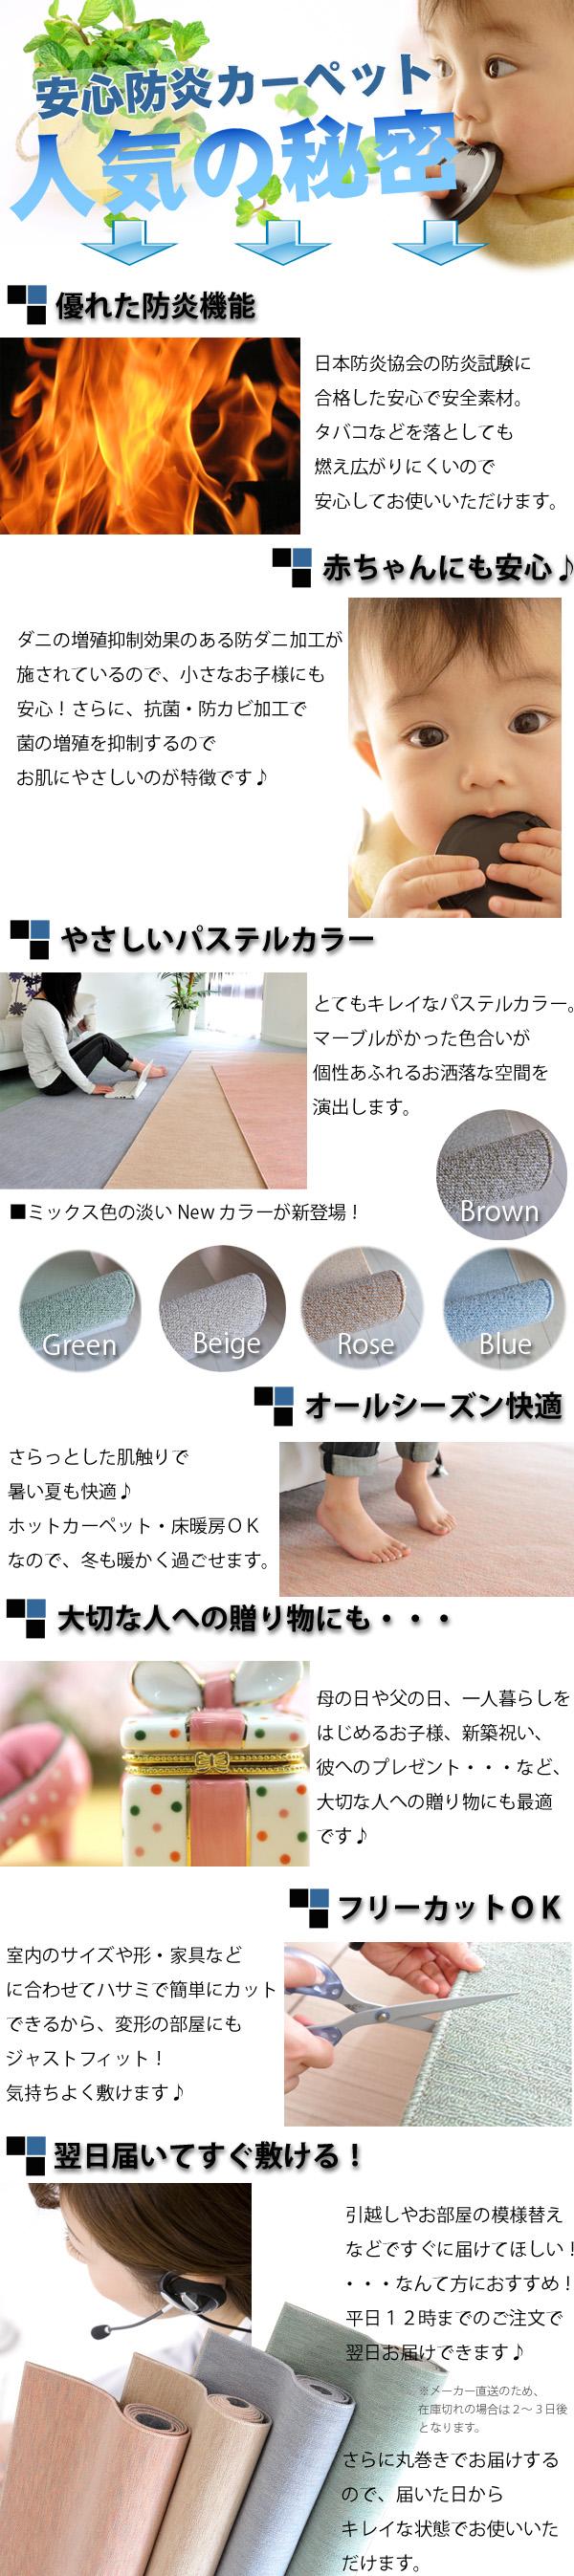 防ダニ 抗菌 防炎 カーペット 人気の秘密!!